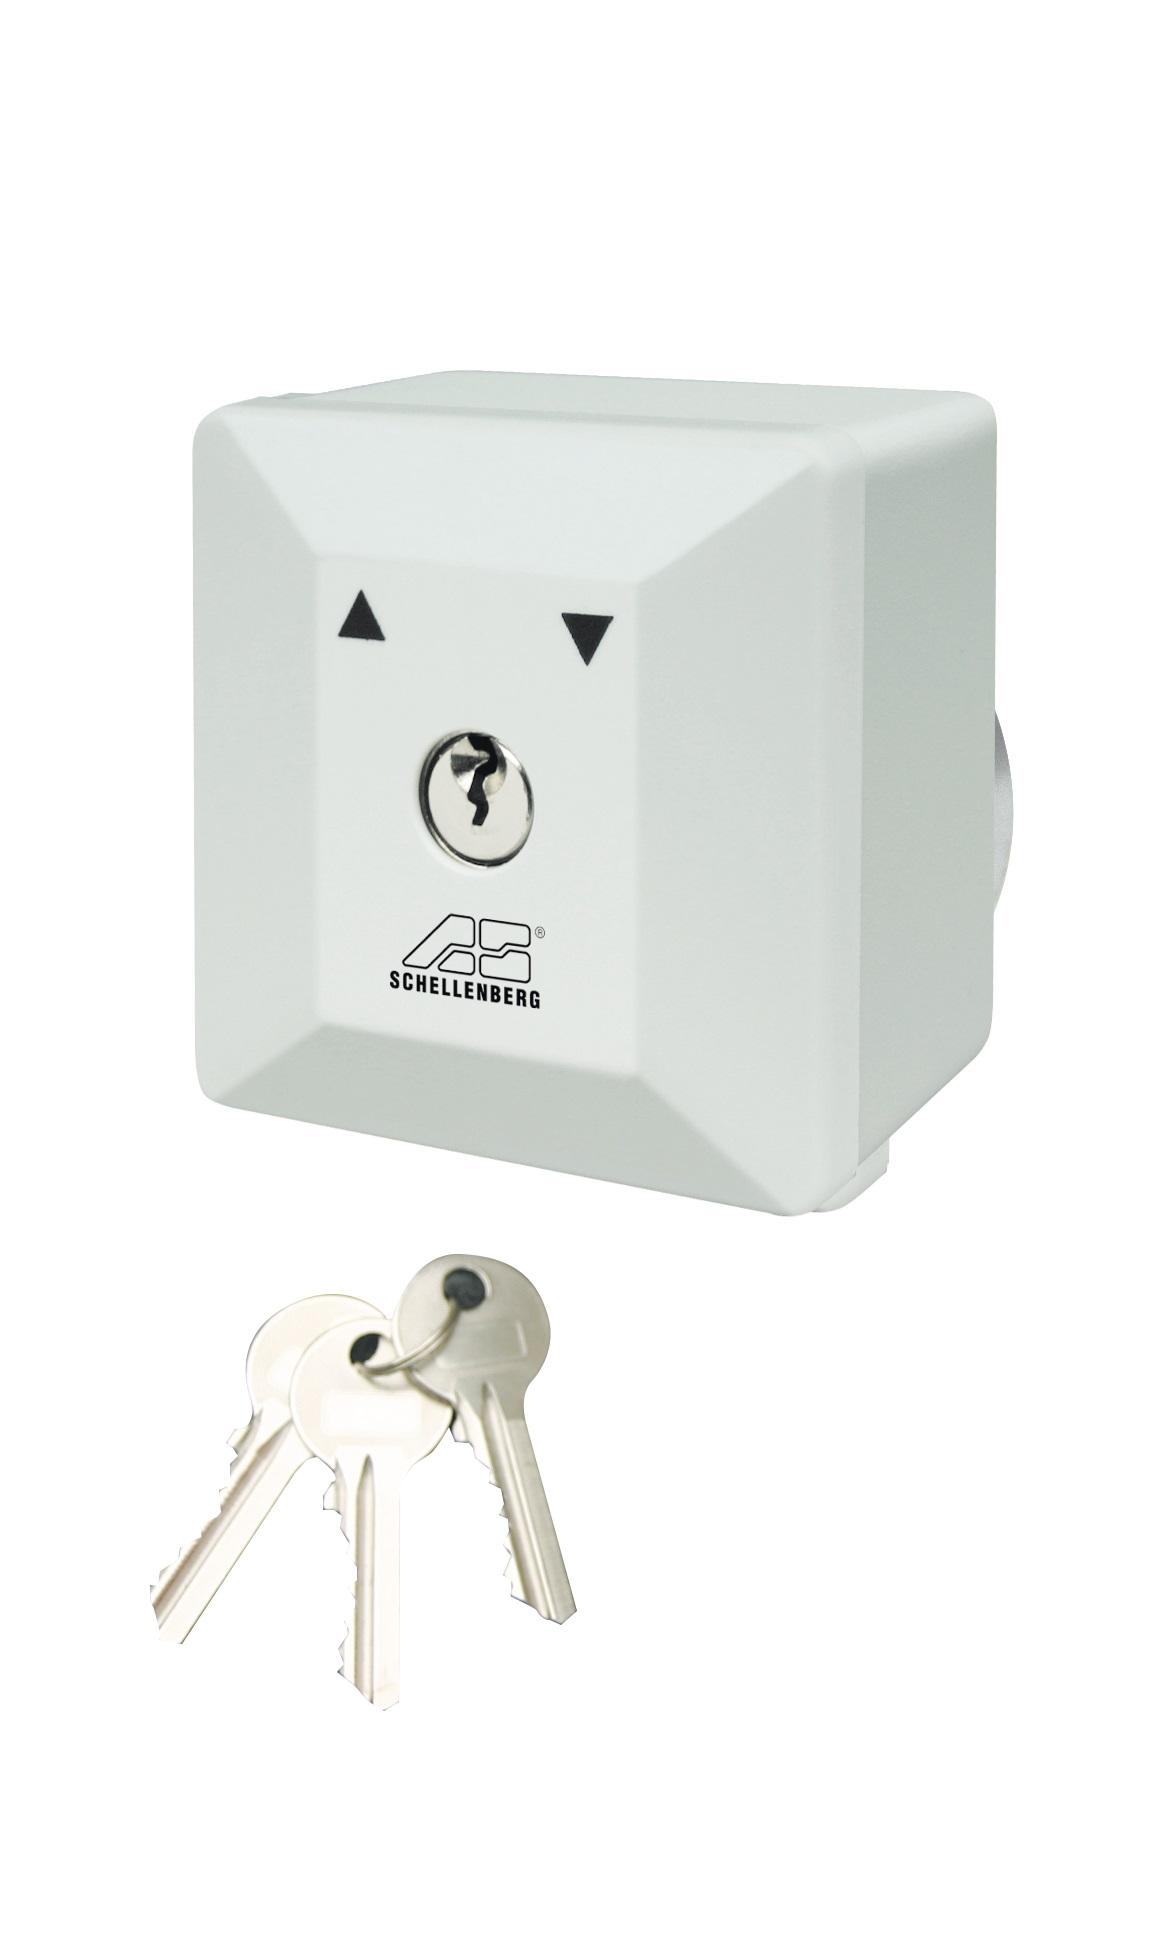 schellenberg schl sselschalter f r torantriebe aufputz und unterputz smart home ger te hier. Black Bedroom Furniture Sets. Home Design Ideas